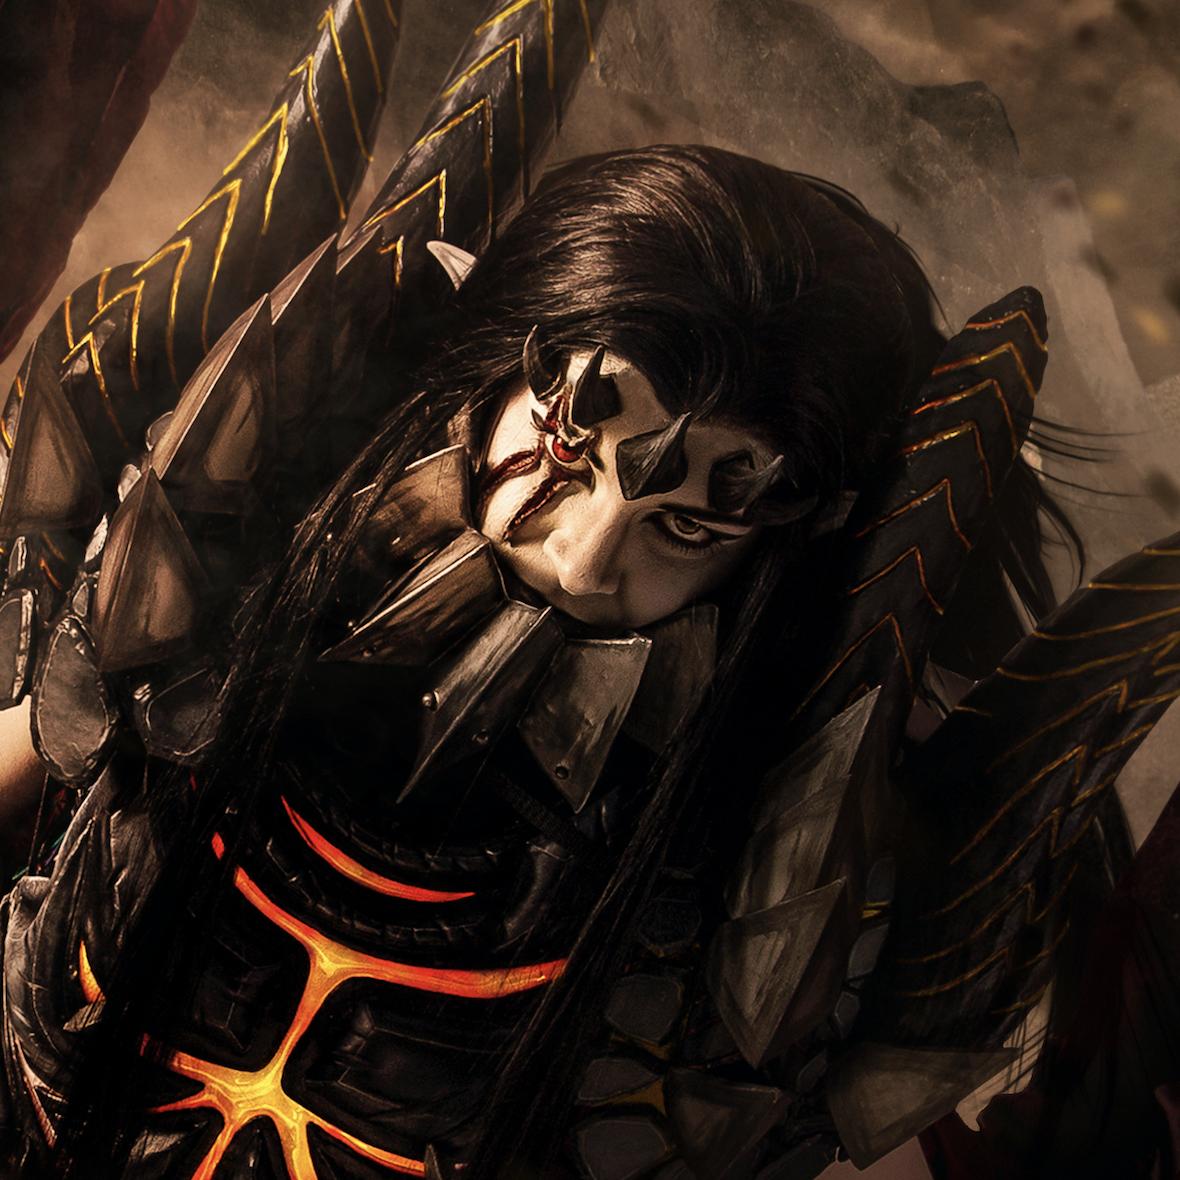 Deathwing Costume made by Tingilya